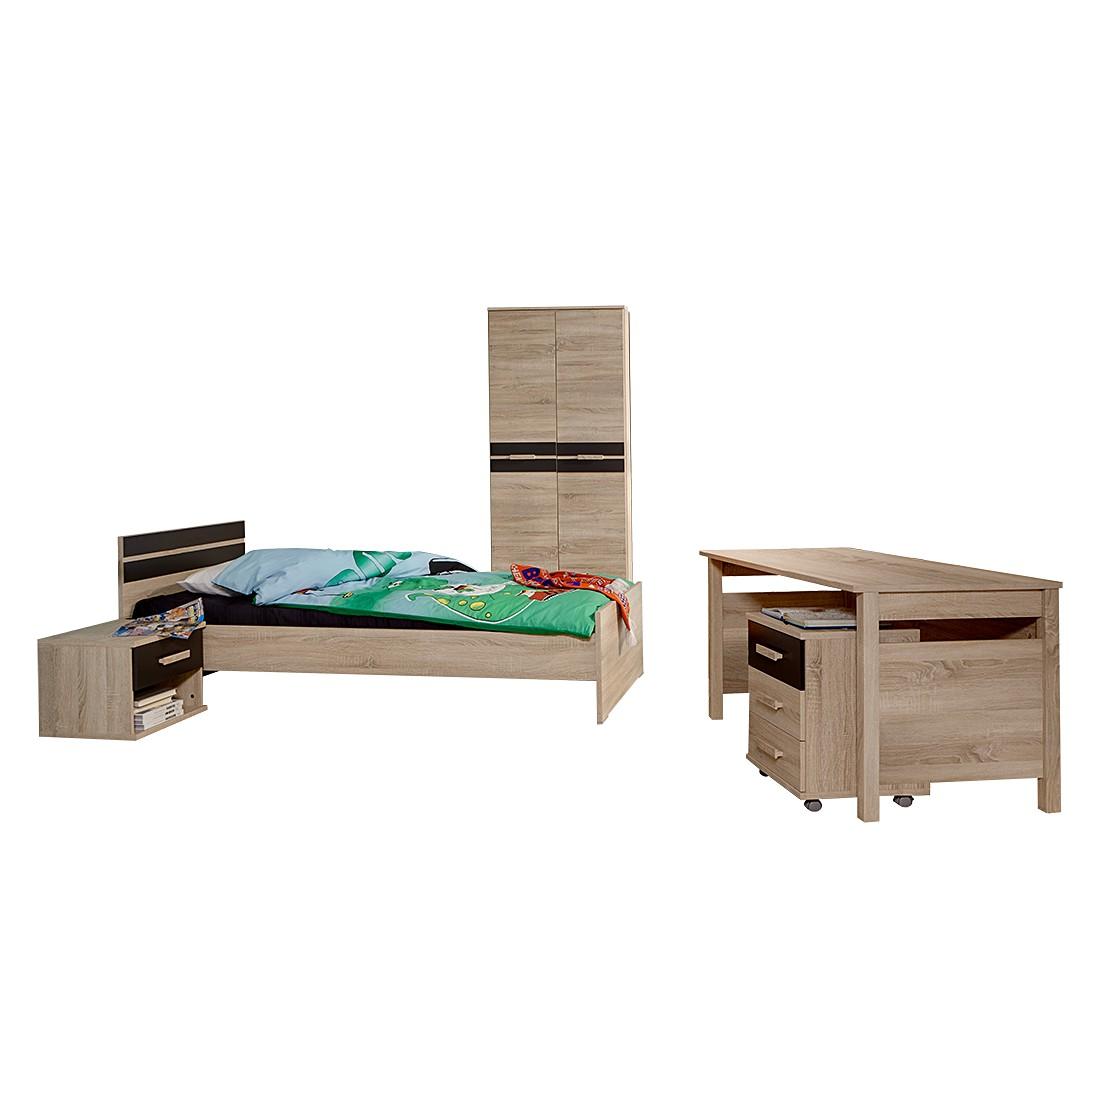 Jugendzimmerkombination Game (4-tlg.) – Eiche Sägerau Dekor/Lava, Wimex günstig kaufen